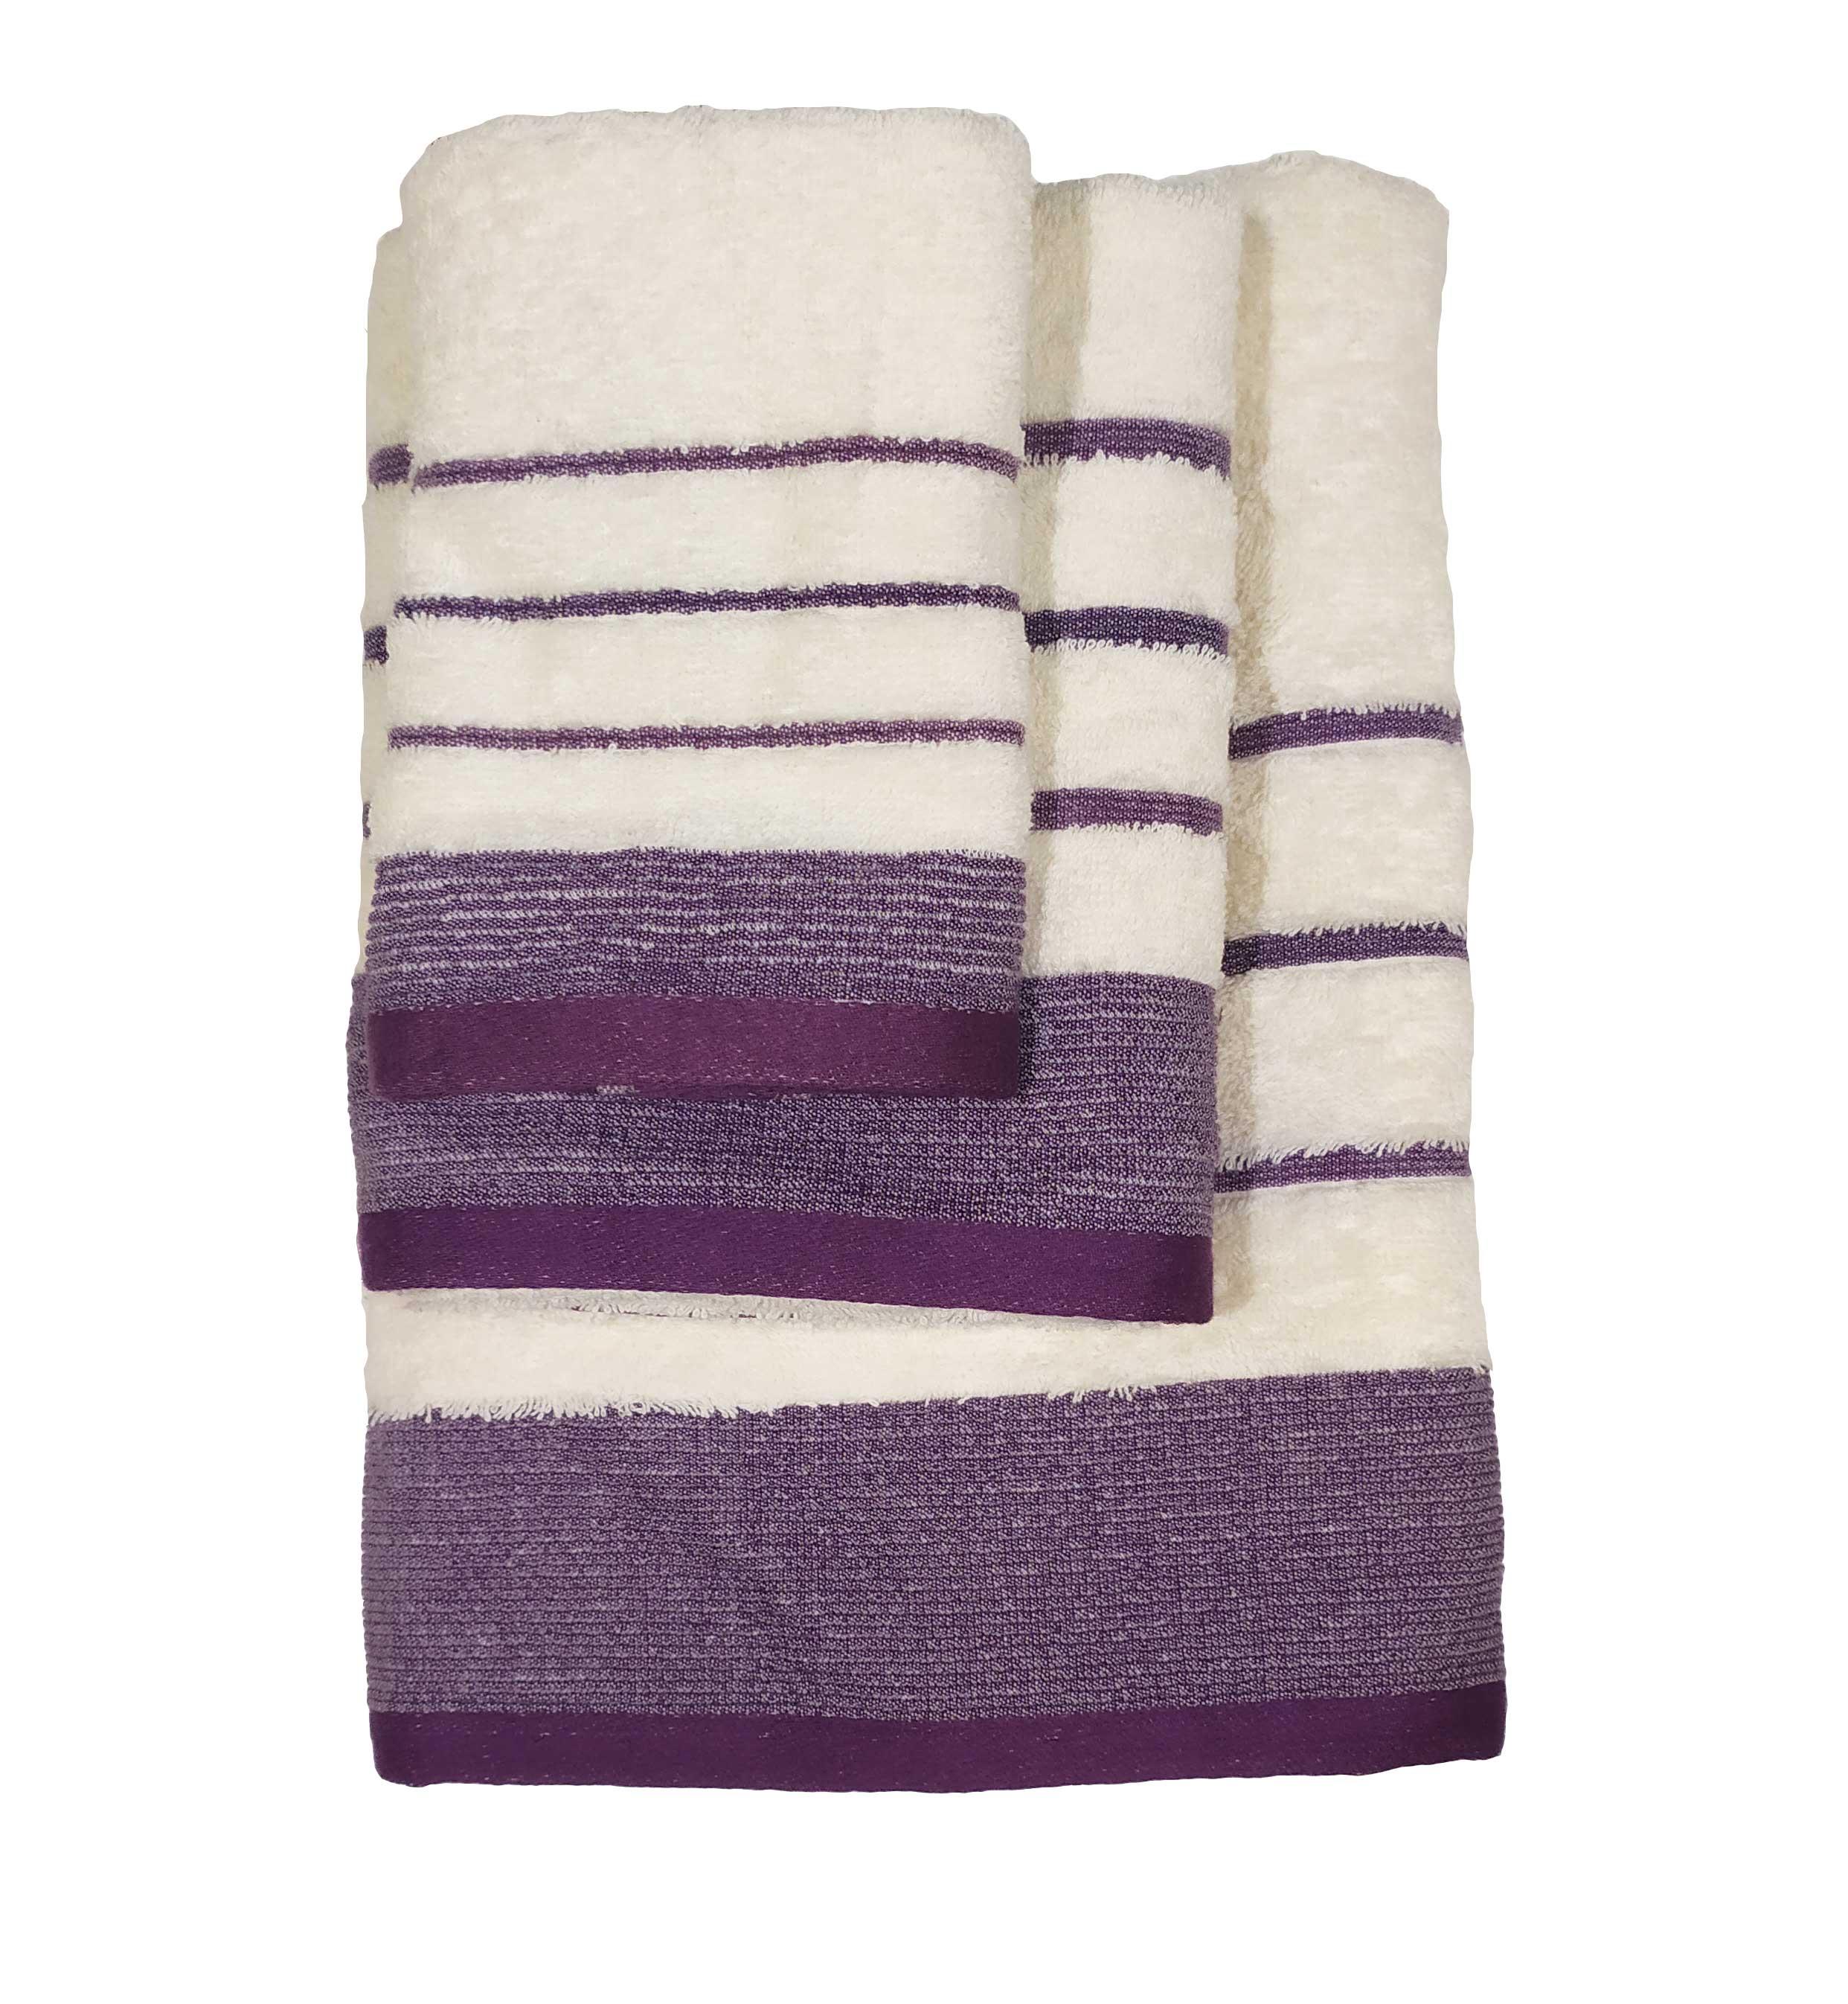 Σετ πετσέτες 3τμχ Βαμβακερές Raya Ekrou-Purple 24home – 24home.gr – raya-ekrou-purple